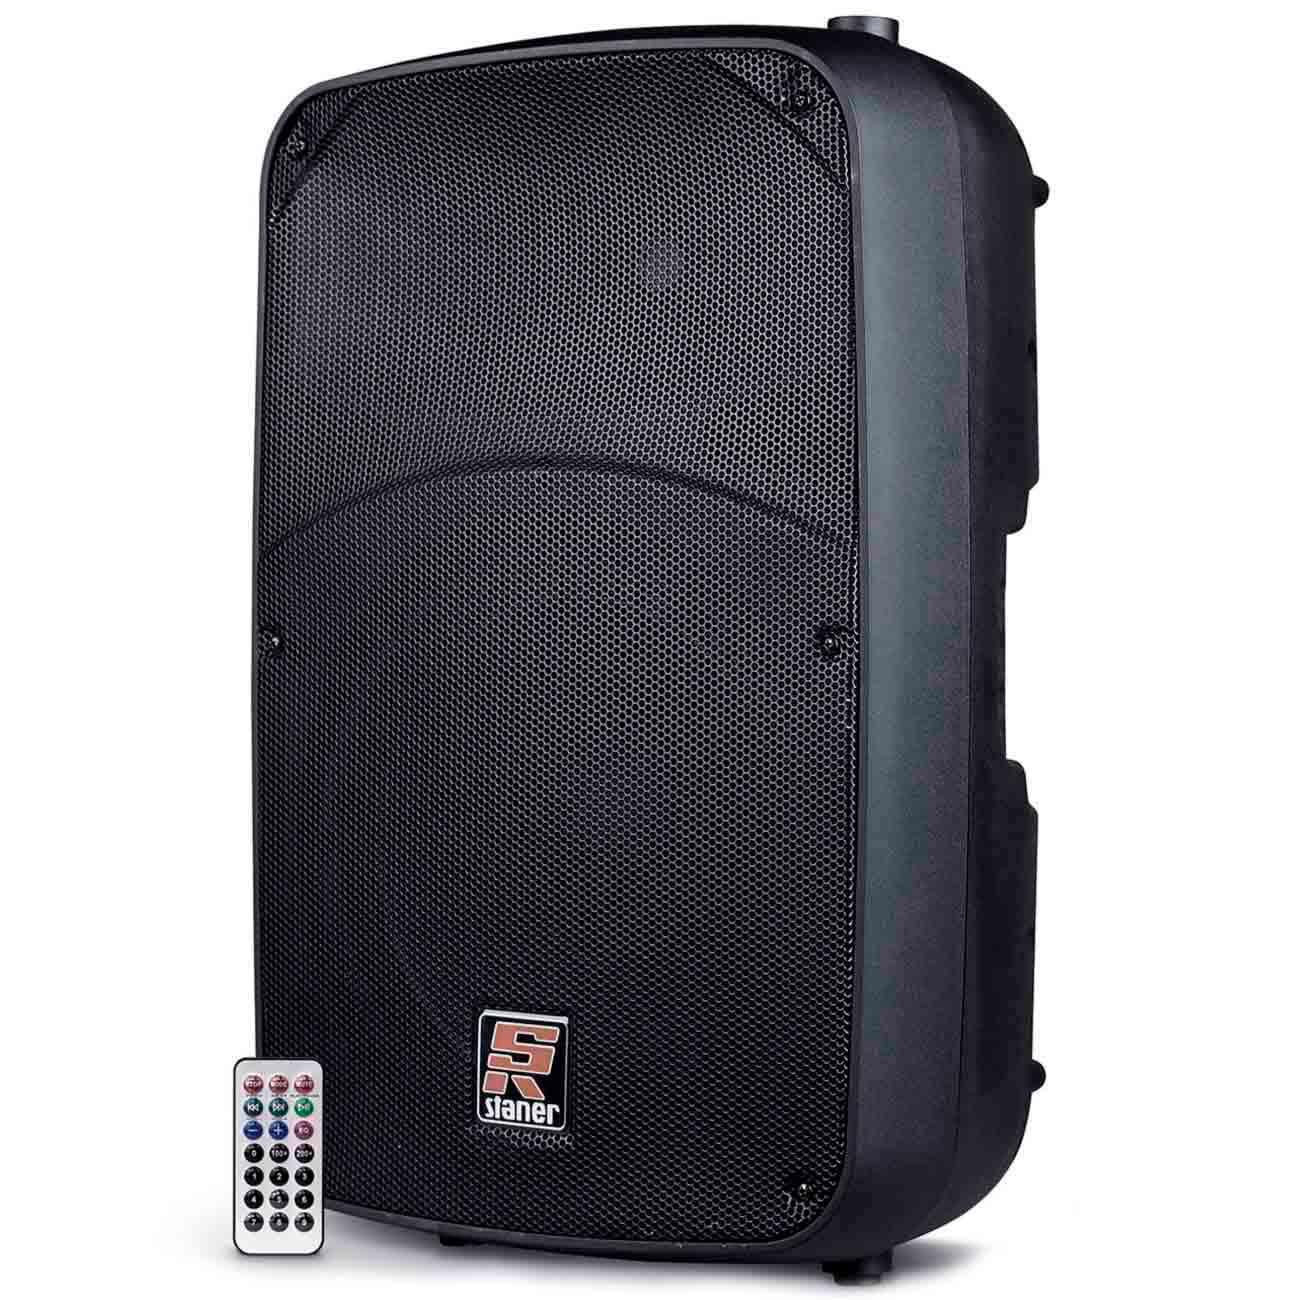 Caixa de Som Ativa Staner SR-315A com Bluetooth